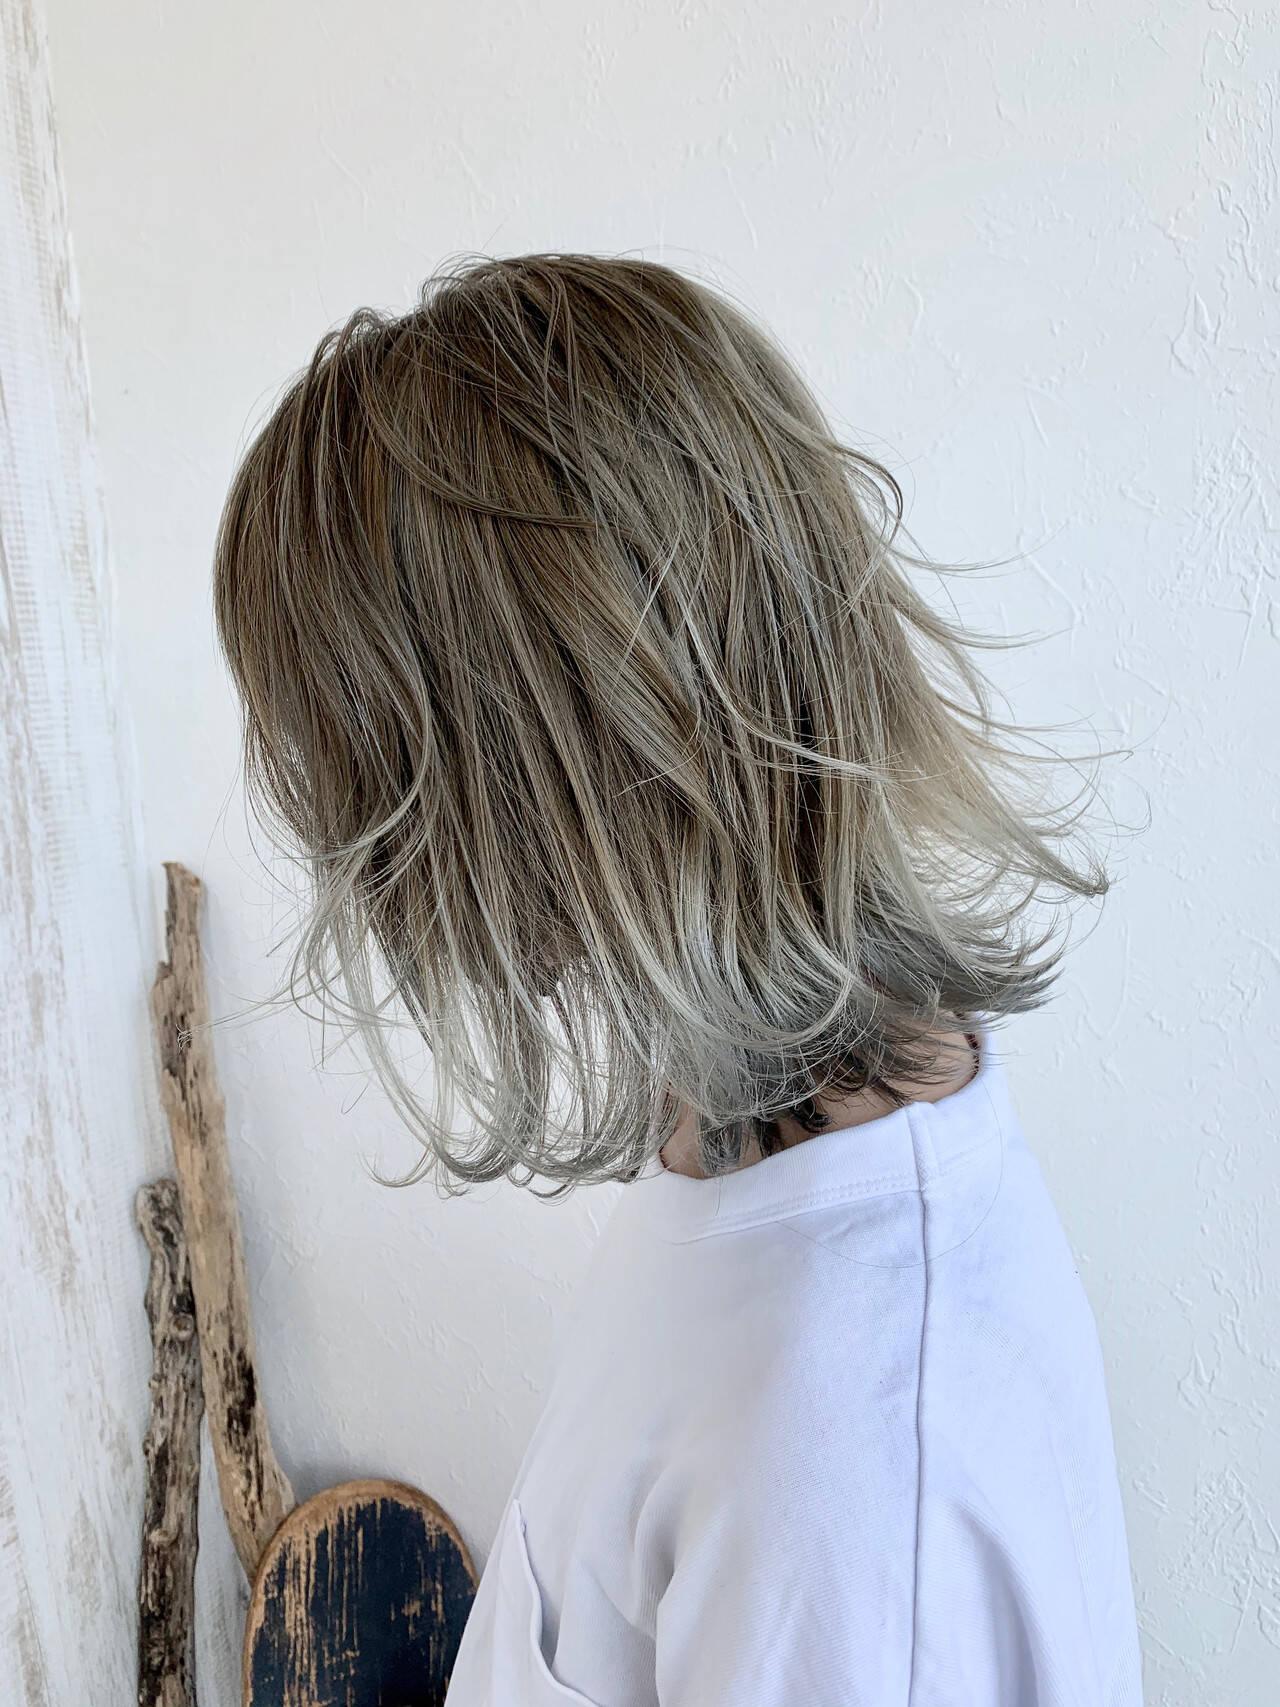 グラデーションカラー ハイトーンカラー バレイヤージュ ストリートヘアスタイルや髪型の写真・画像